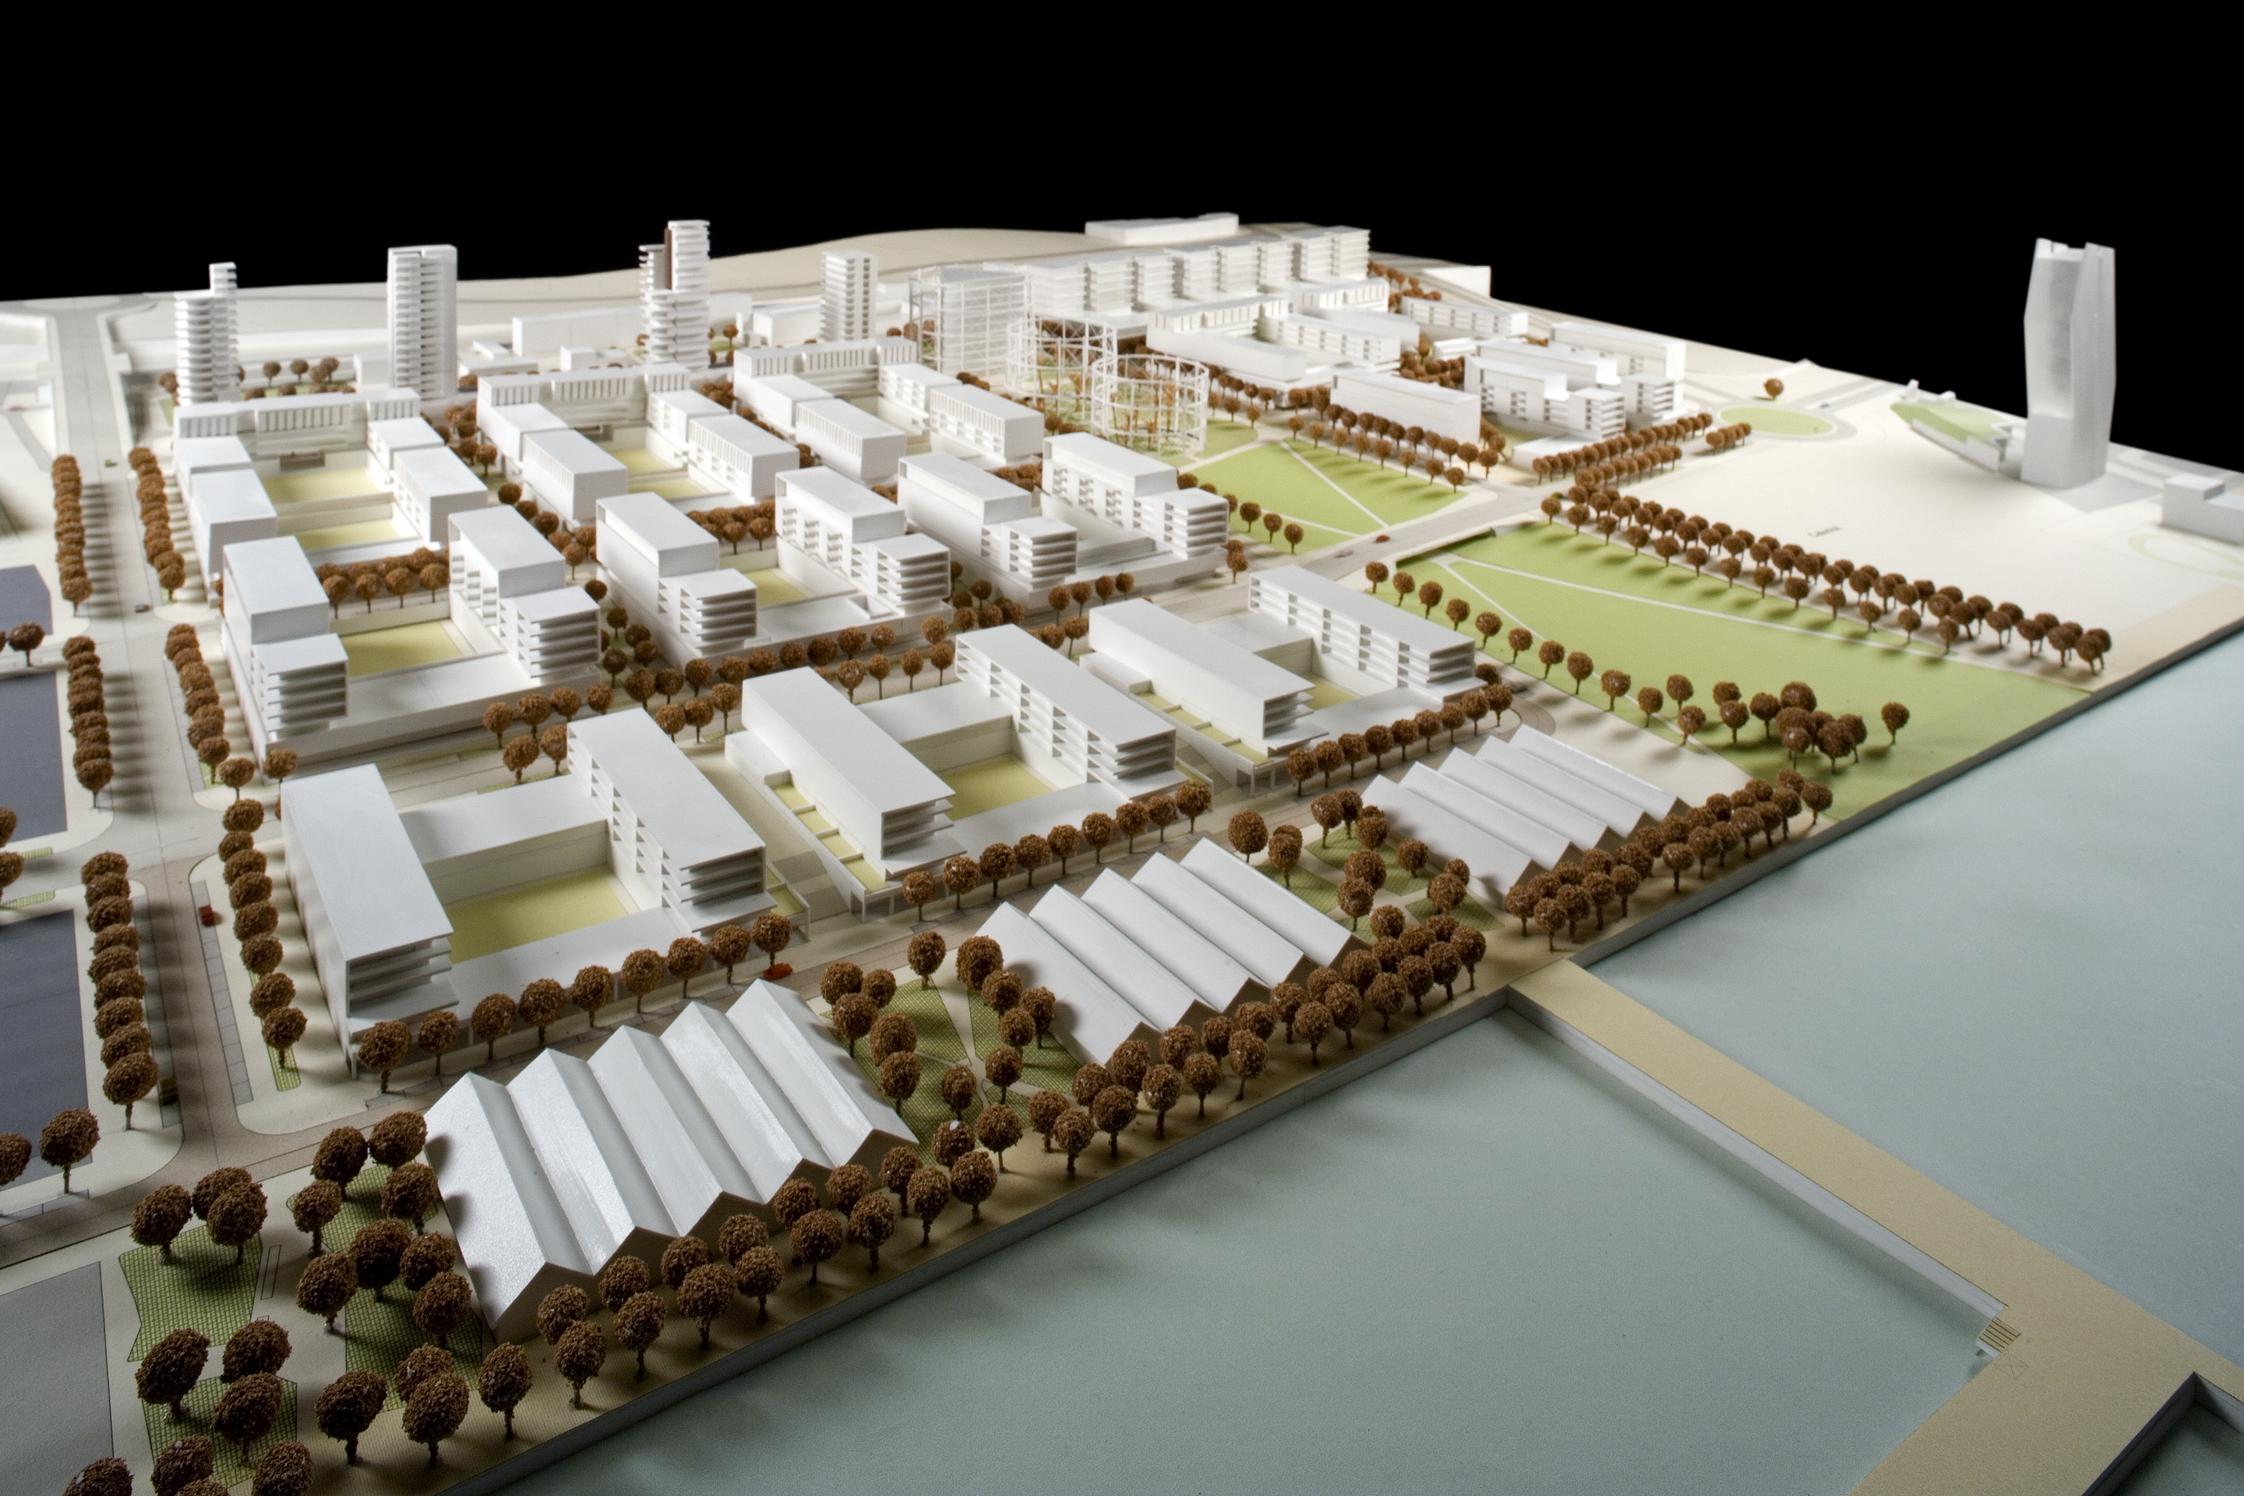 Maquete do empreendimento, que começa a ser construído em 2020 / VIC Properties